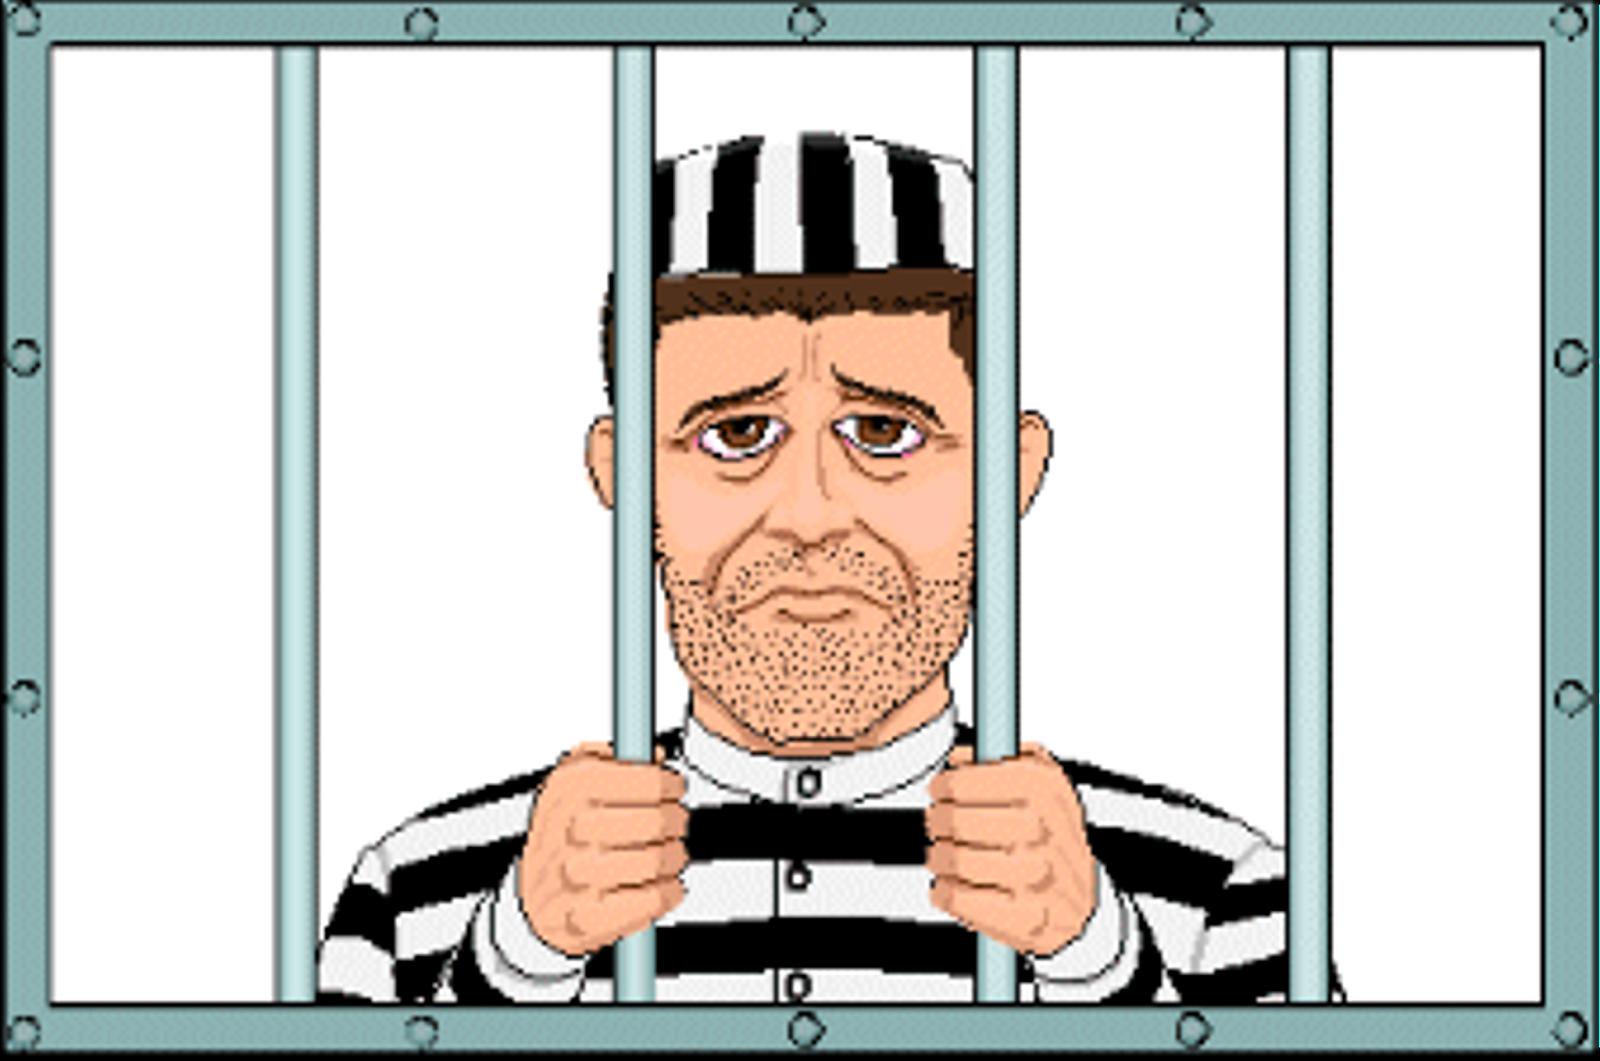 Afbeeldingsresultaat voor foreign prisoners cartoon